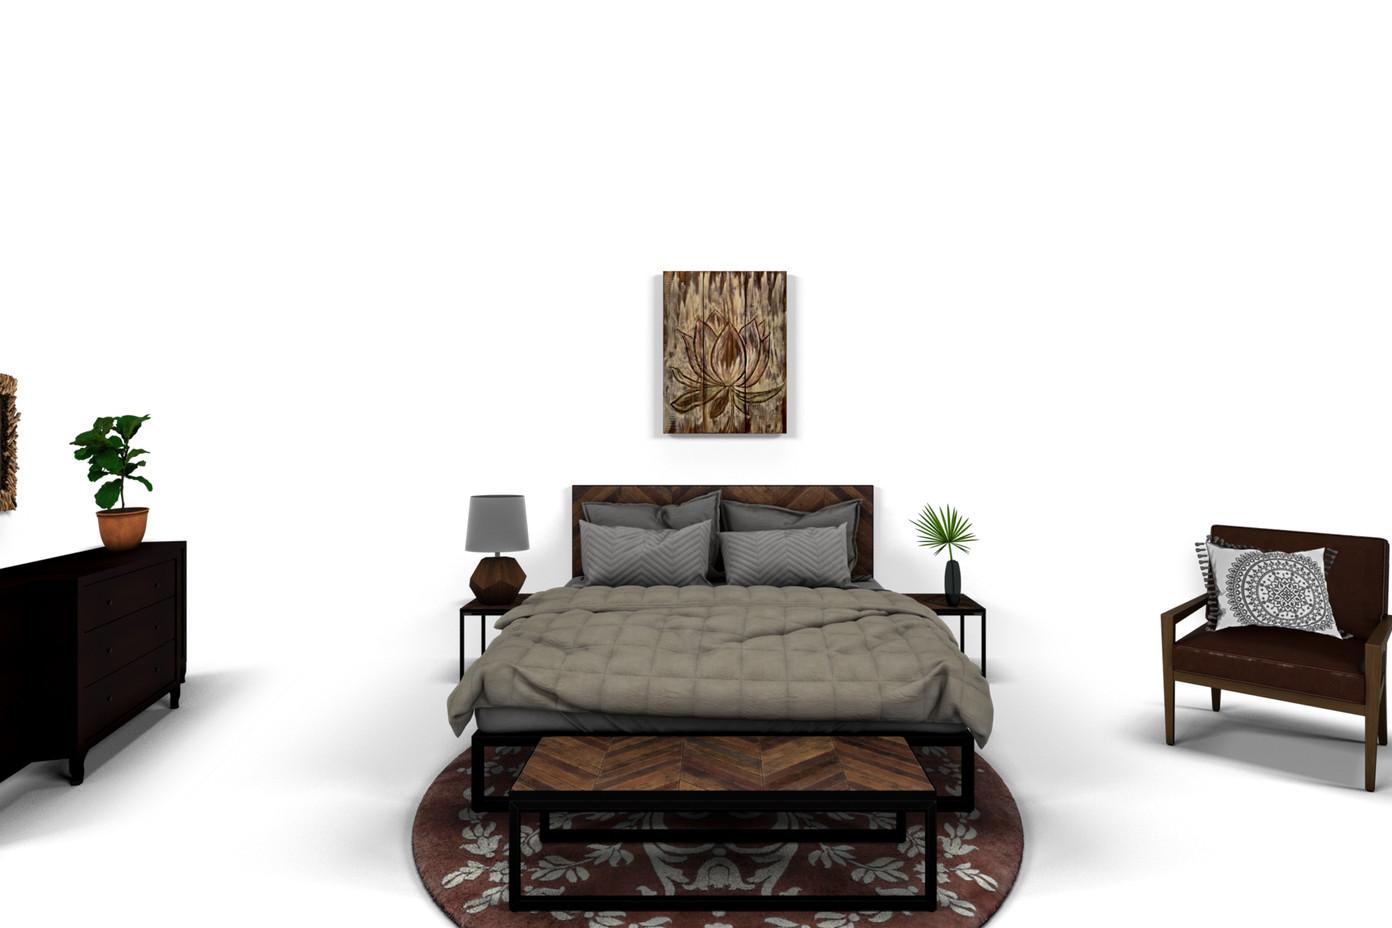 Bedroom Bohemian 8.jpg